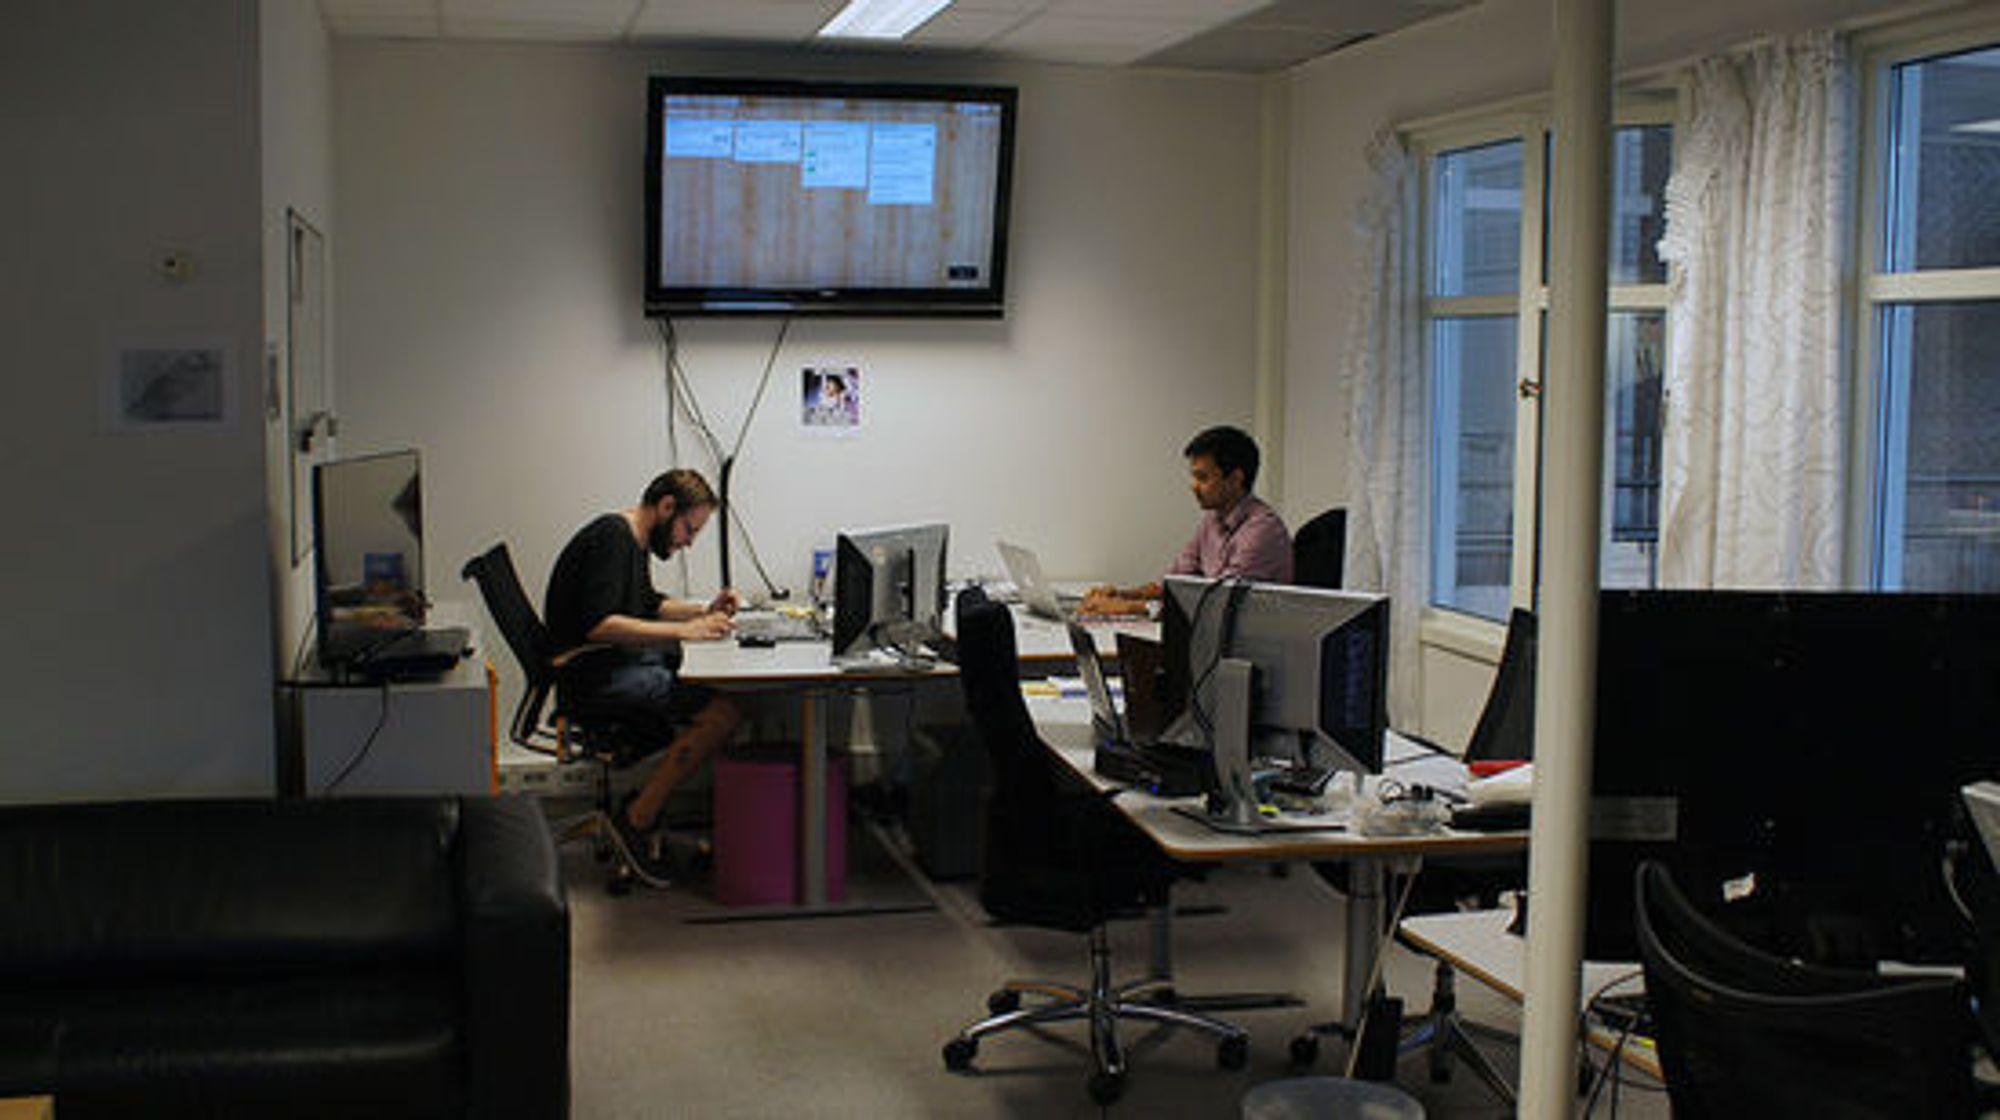 Utvkiling og testing foregår i Nydalen i Oslo.